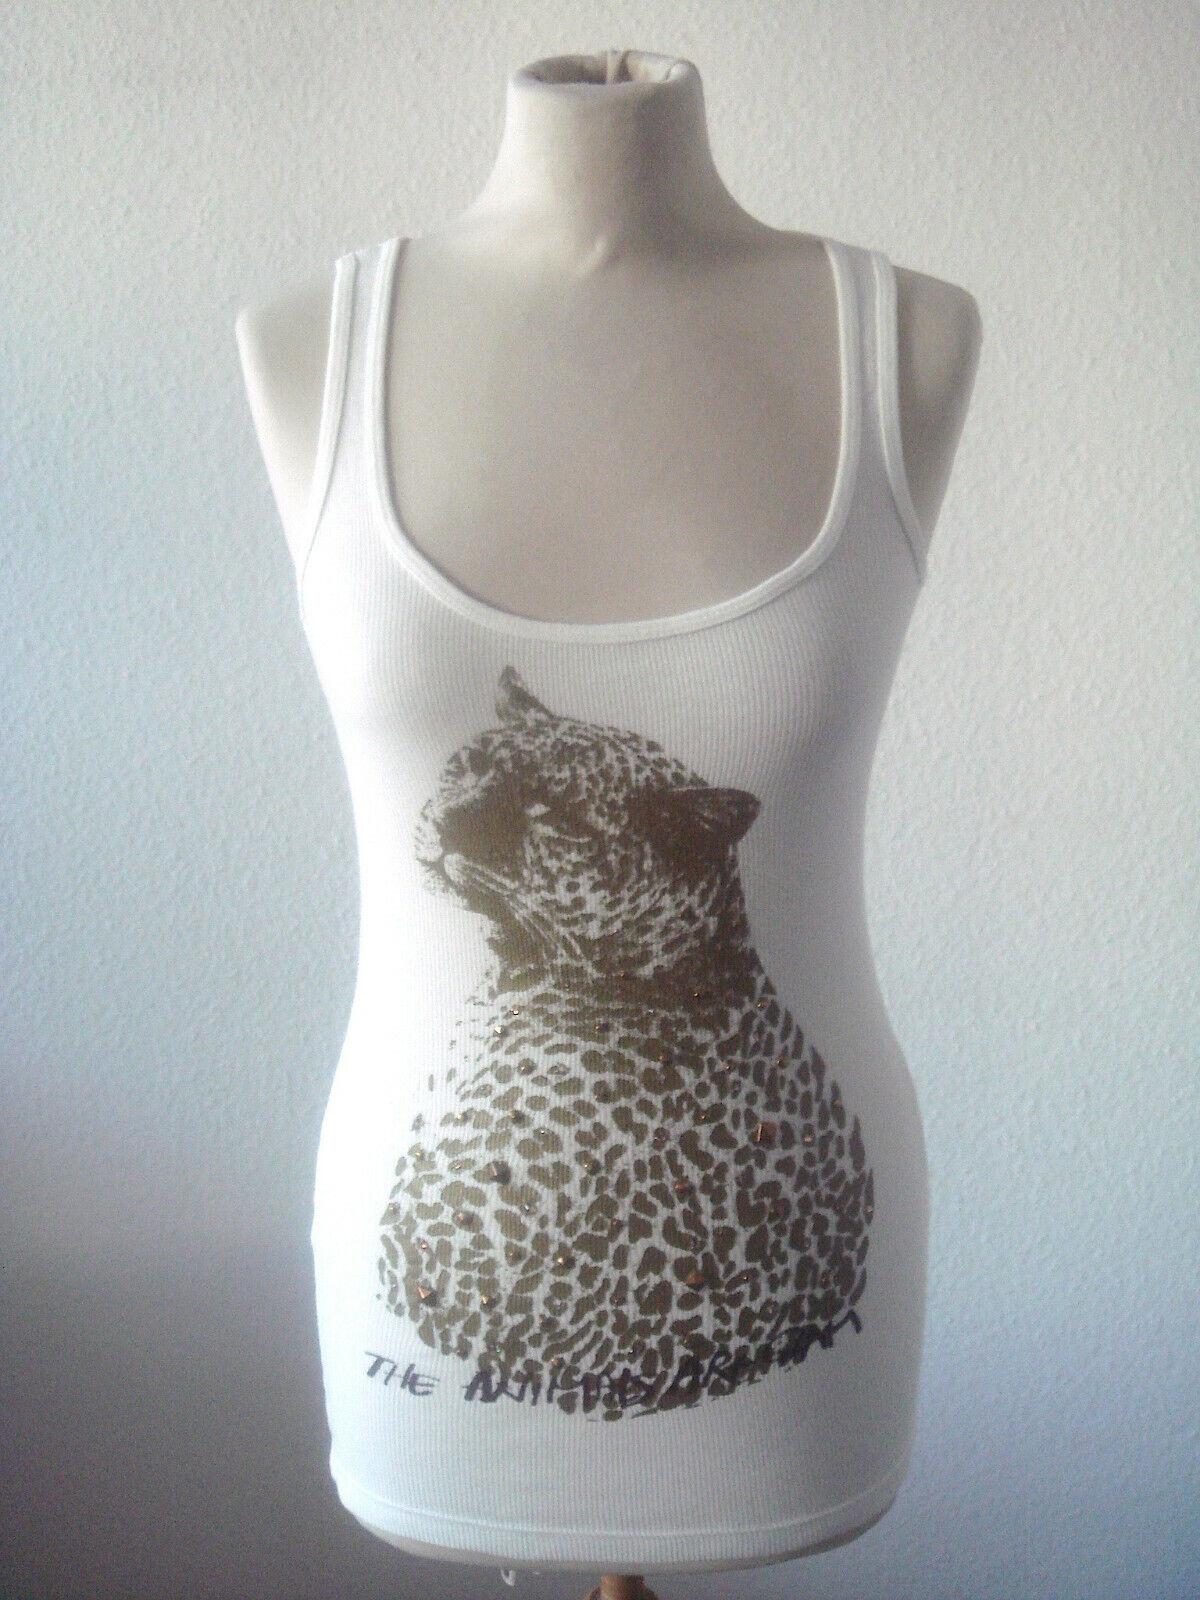 Patricia Field Top Débardeur Nervure Blanc avec Leopard Imprimé 100% Co Taille M